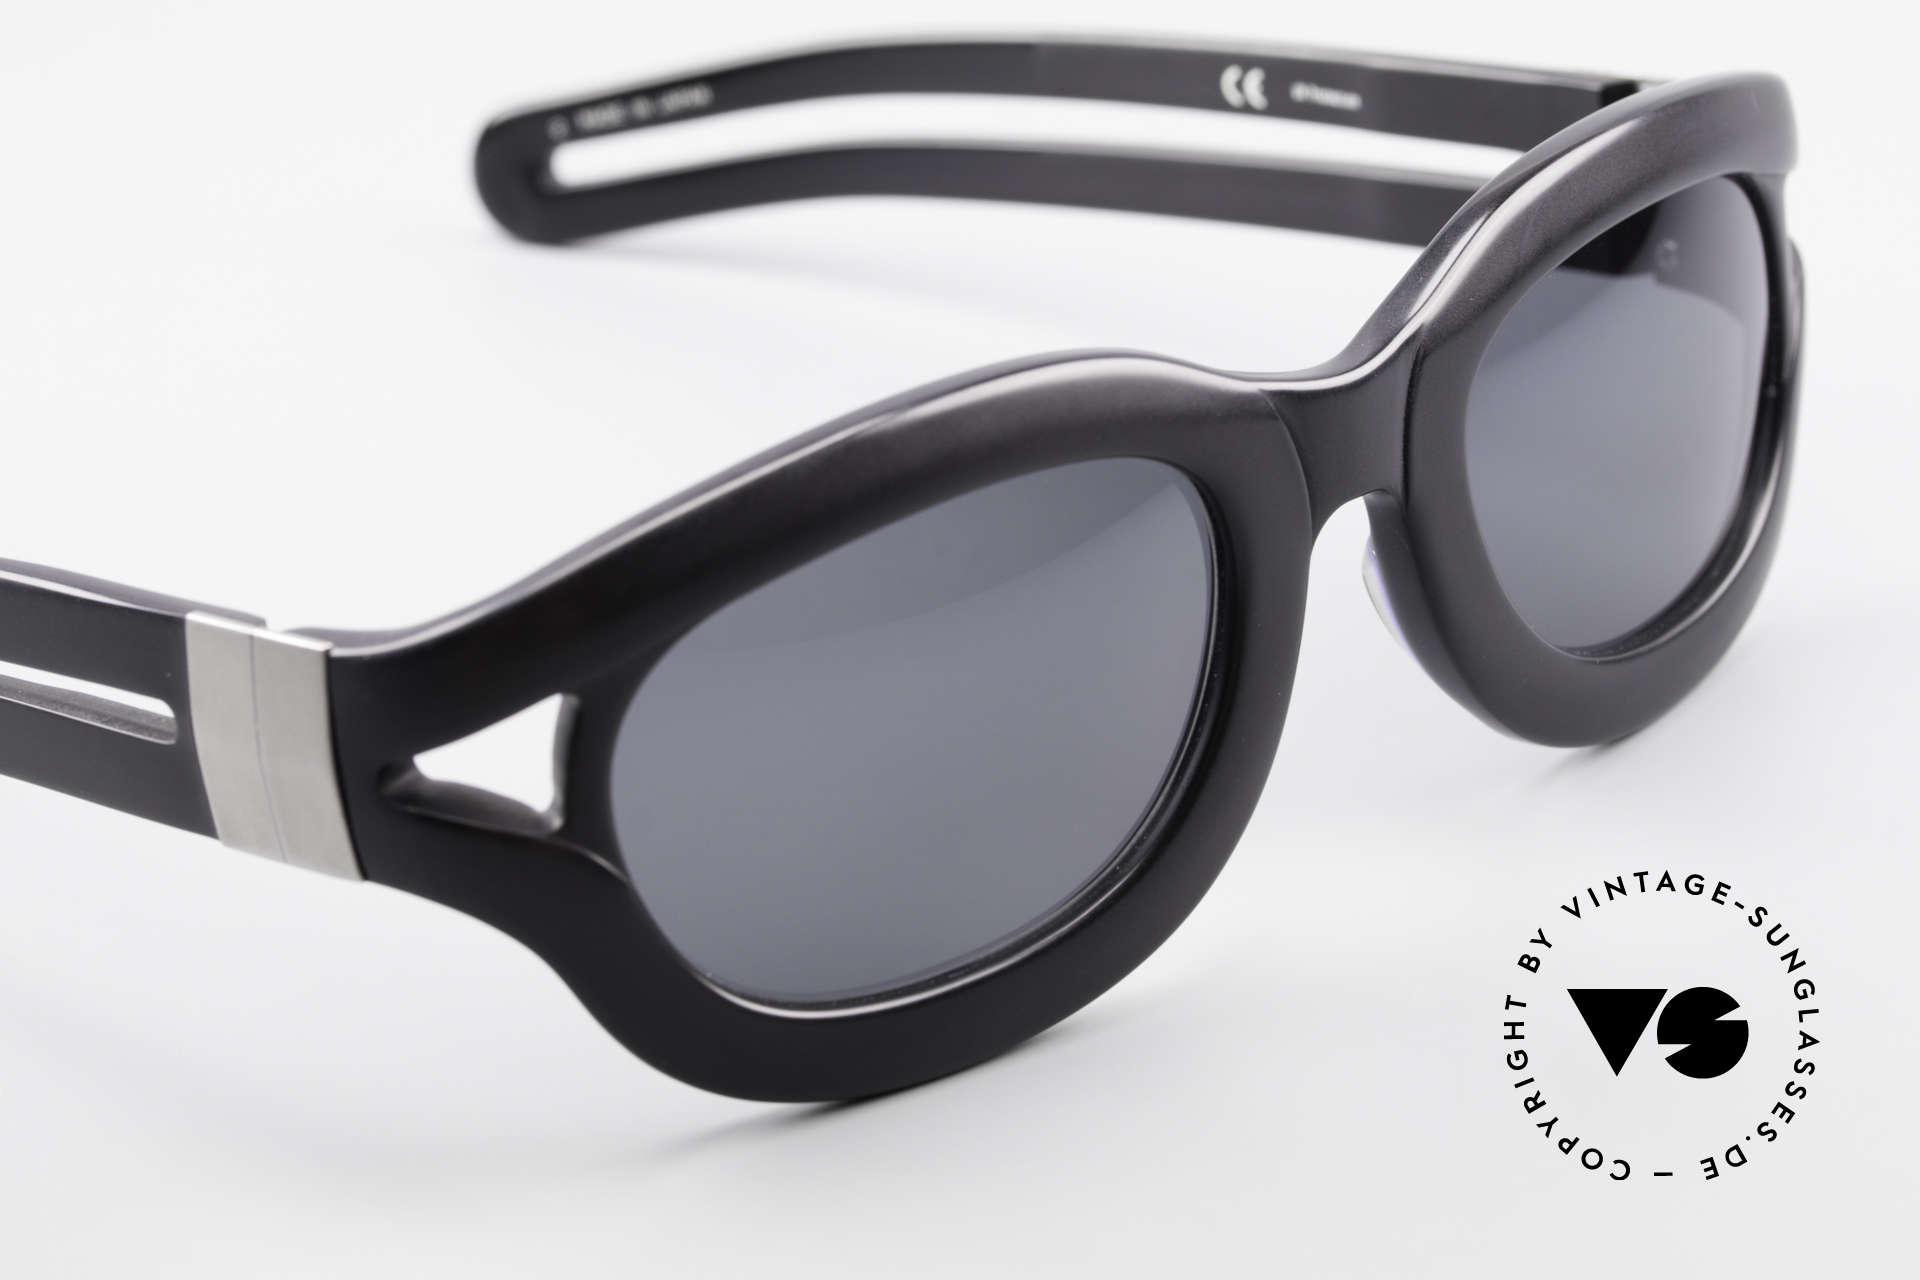 Yohji Yamamoto 52-6001 YY 90er Designer Sonnenbrille, KEINE RETROmode, sondern ein Unikat von circa 1995!, Passend für Herren und Damen